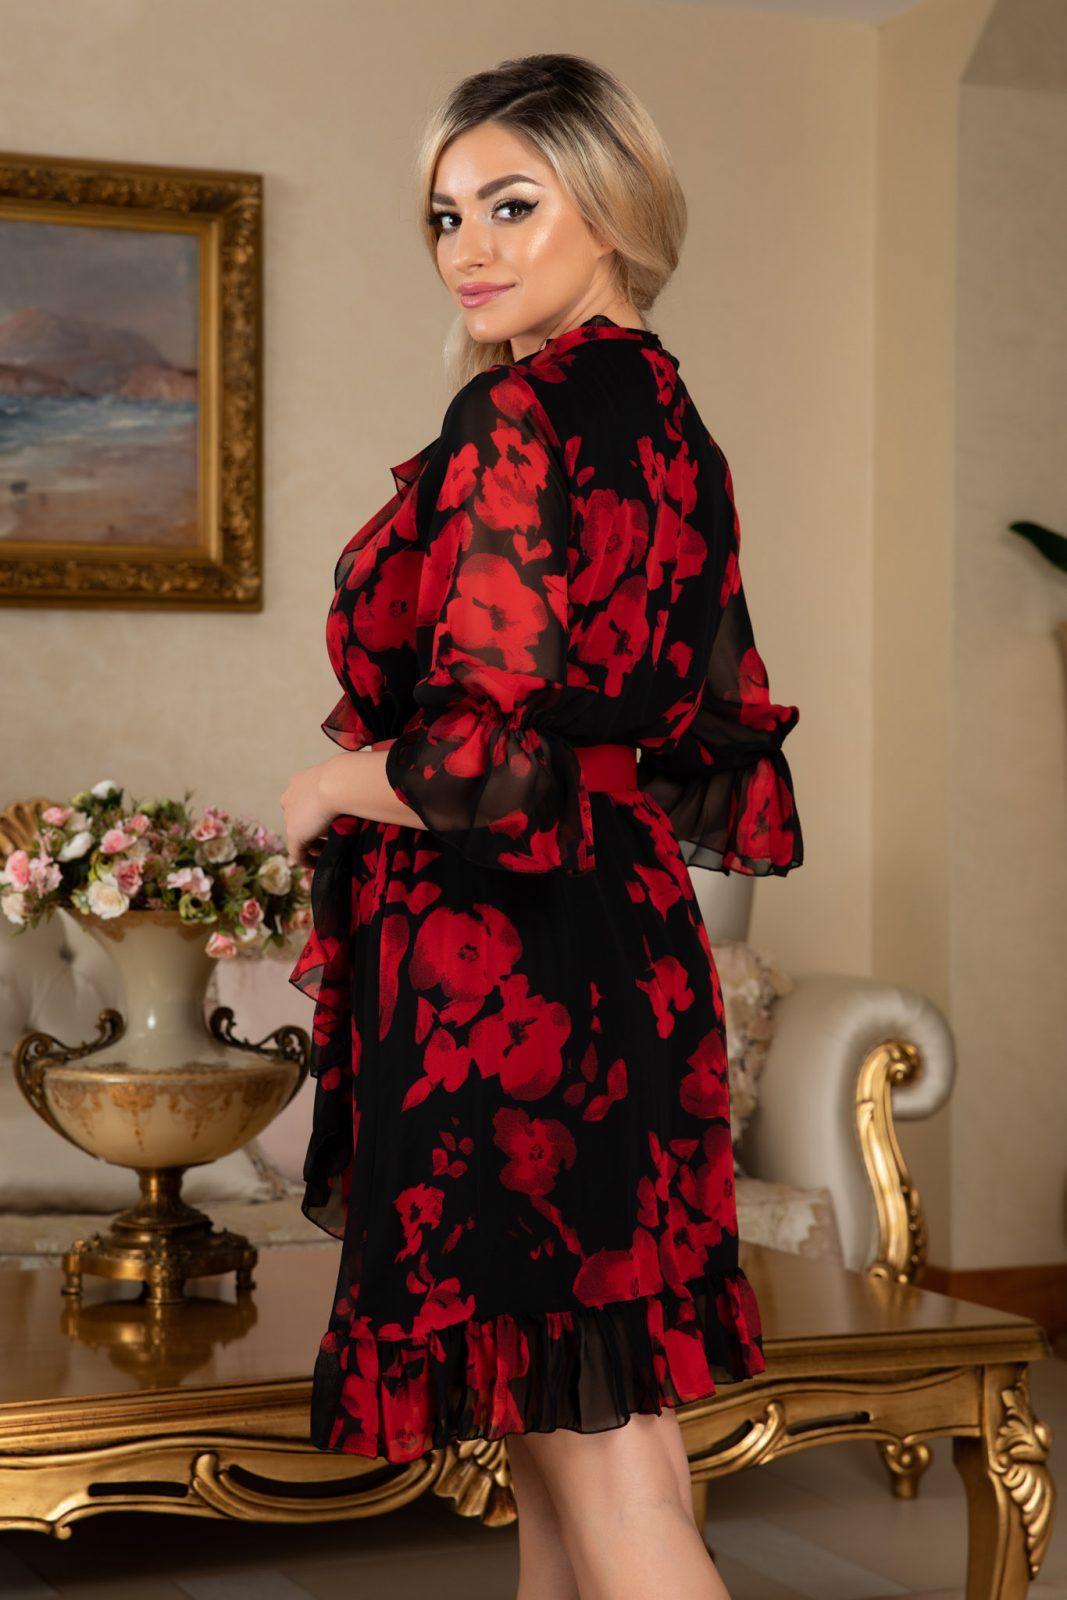 Μαύρο Φόρεμα Με Κόκκινα Λουλούδια Elda 7640